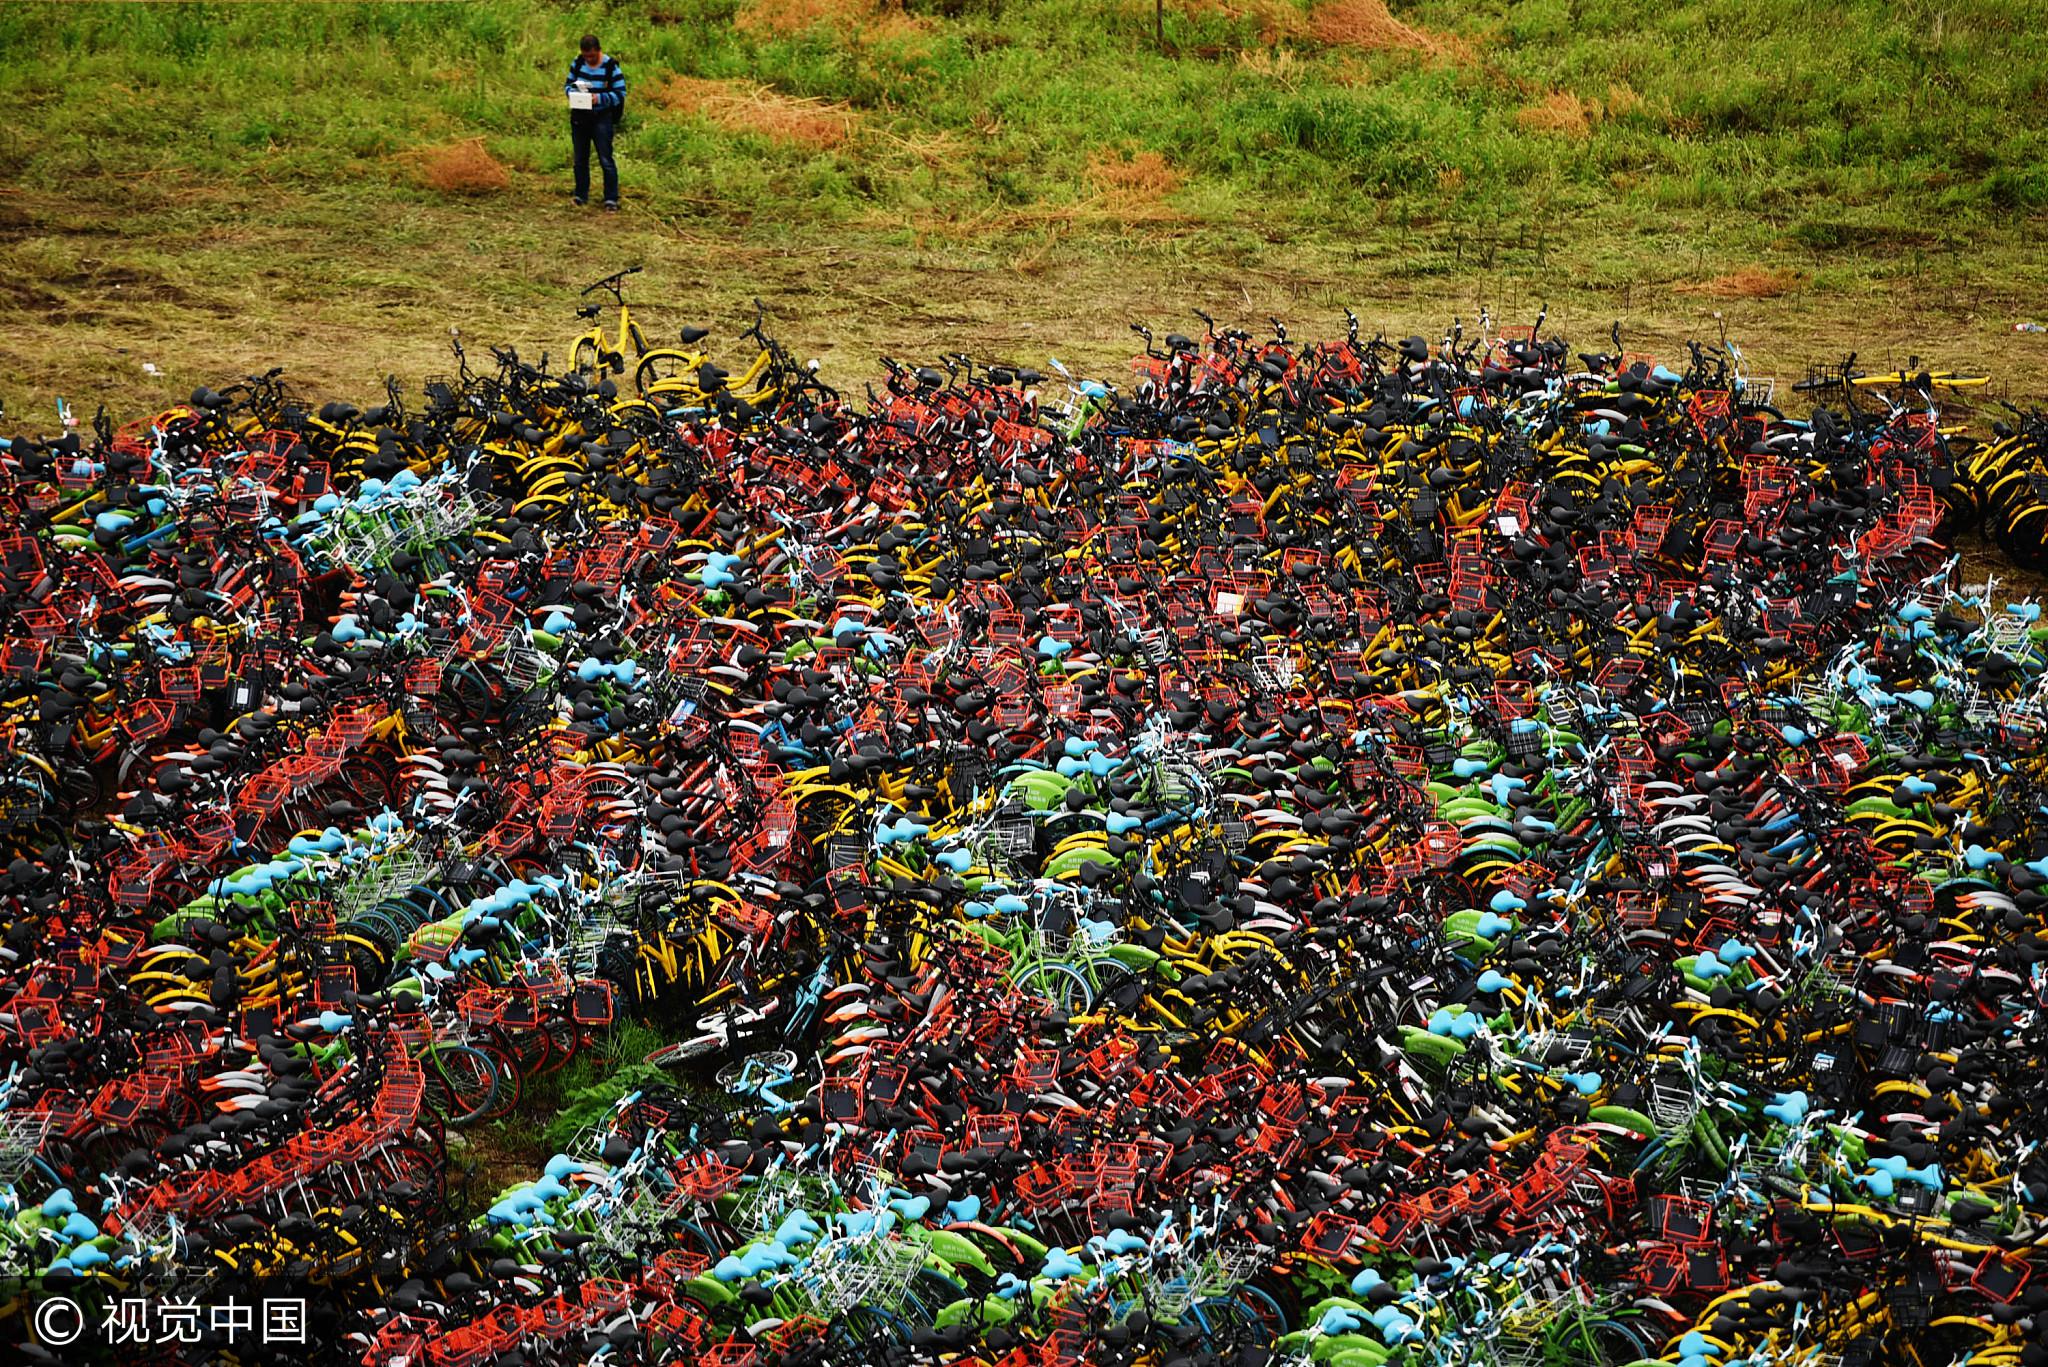 杭州现单车坟场 各色车密密麻麻场面壮观 - 周公乐 - xinhua8848 的博客